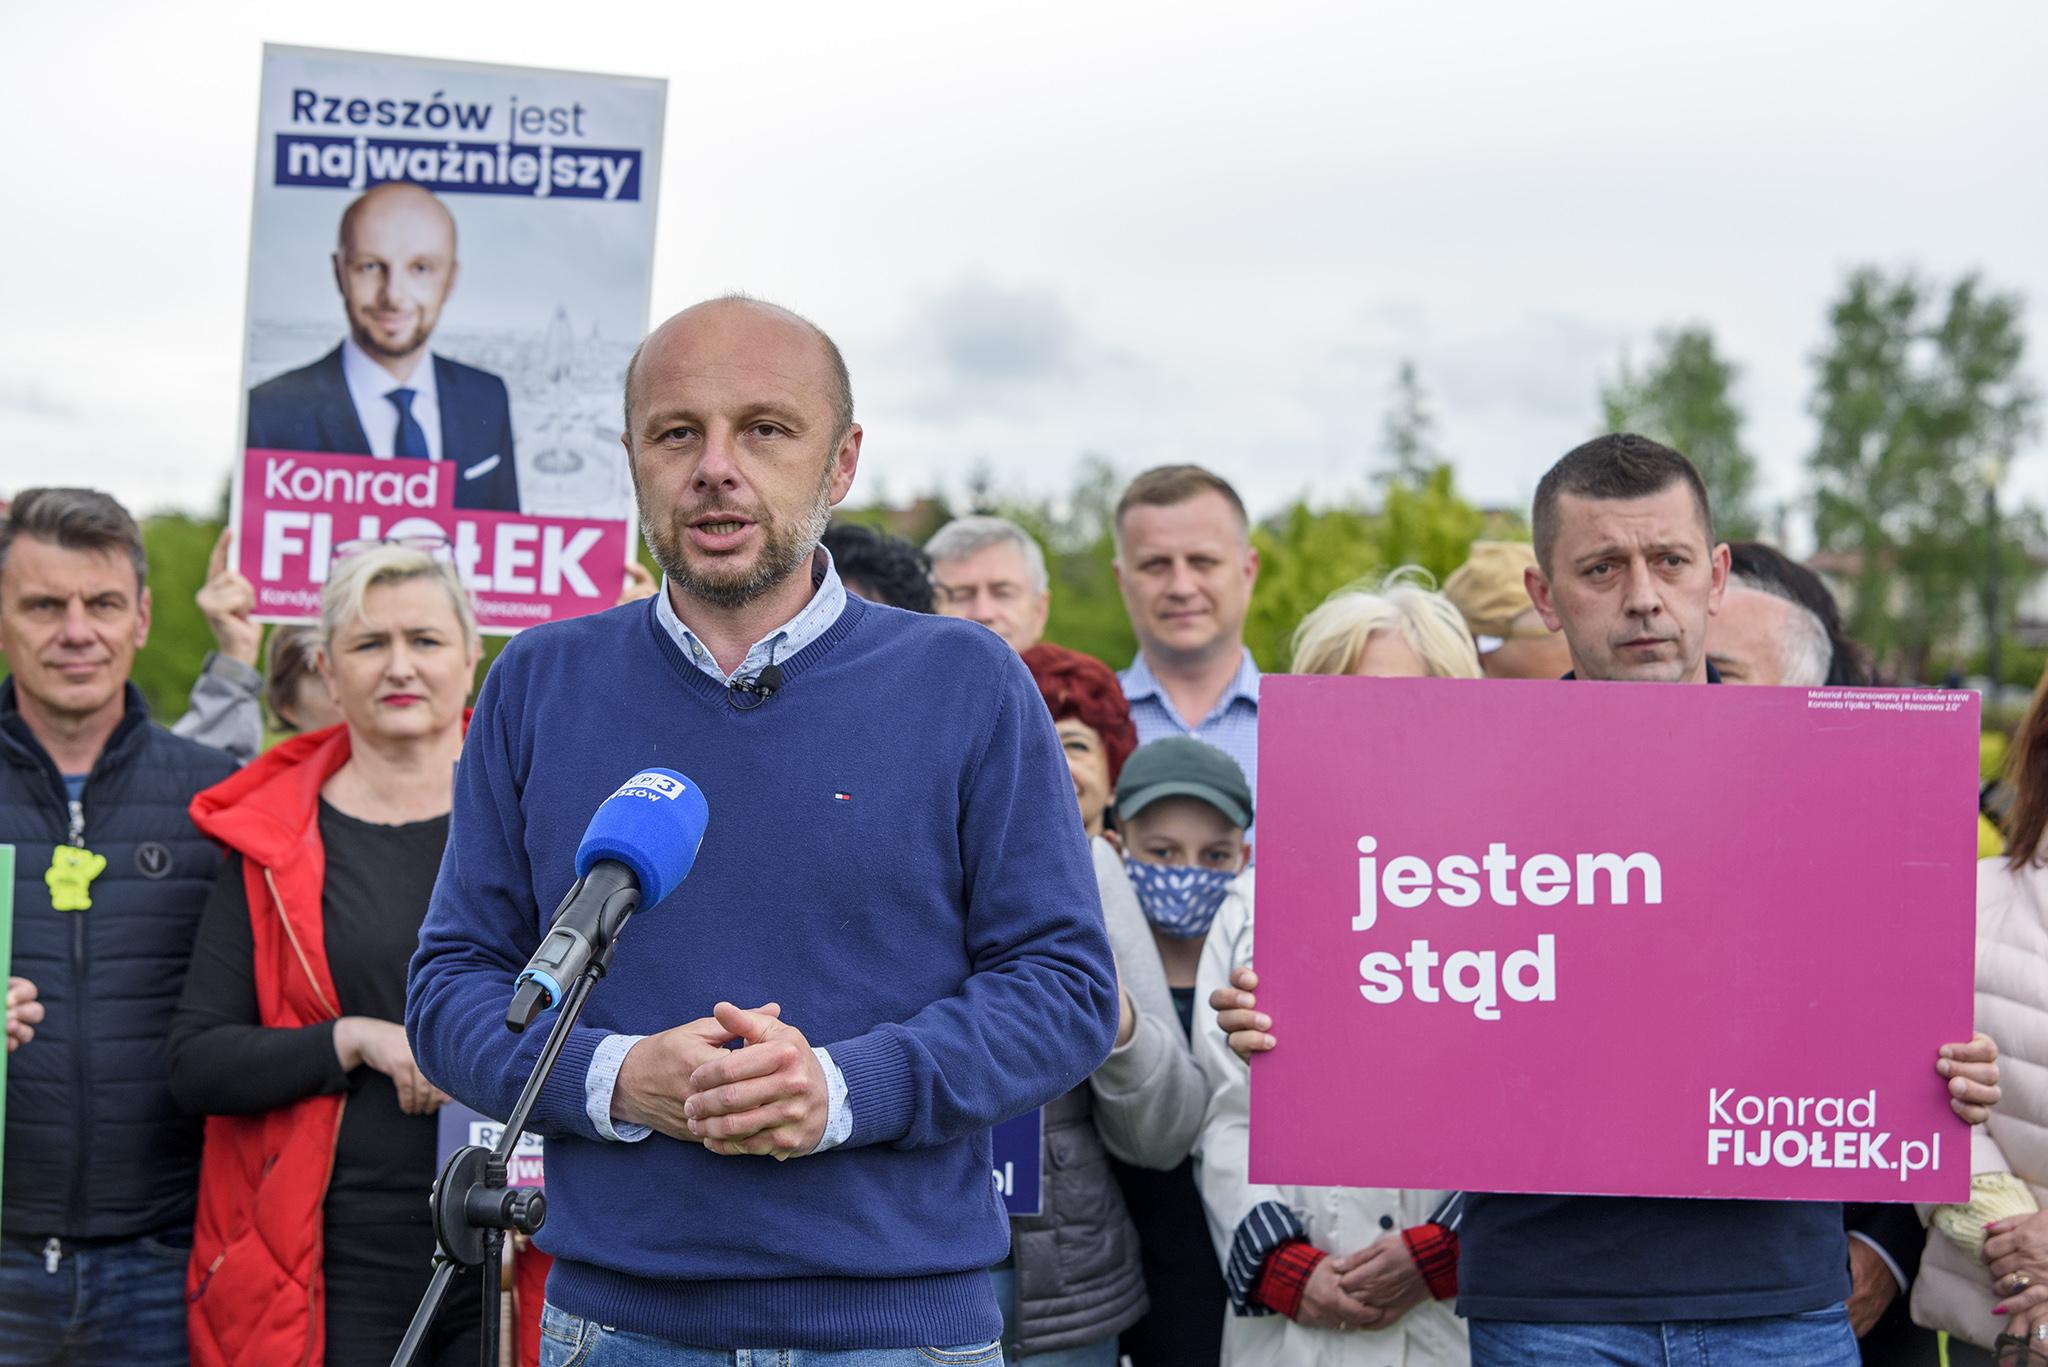 DSC_2442_RZESZOW_NEWS_SEBASTIAN_STANKIEWICZ